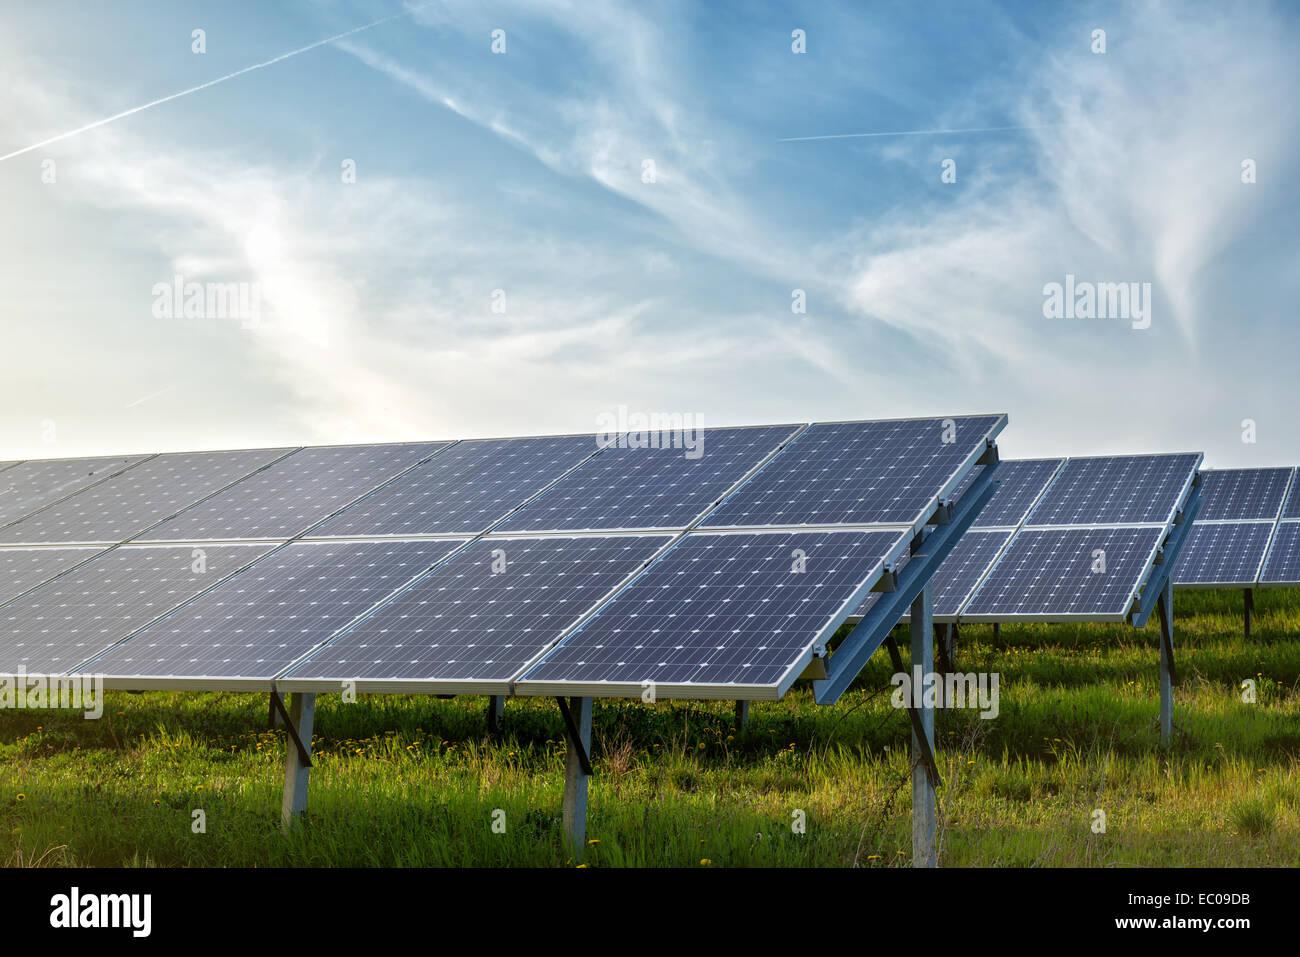 Panneaux solaires en vertu du ciel bleu Photo Stock